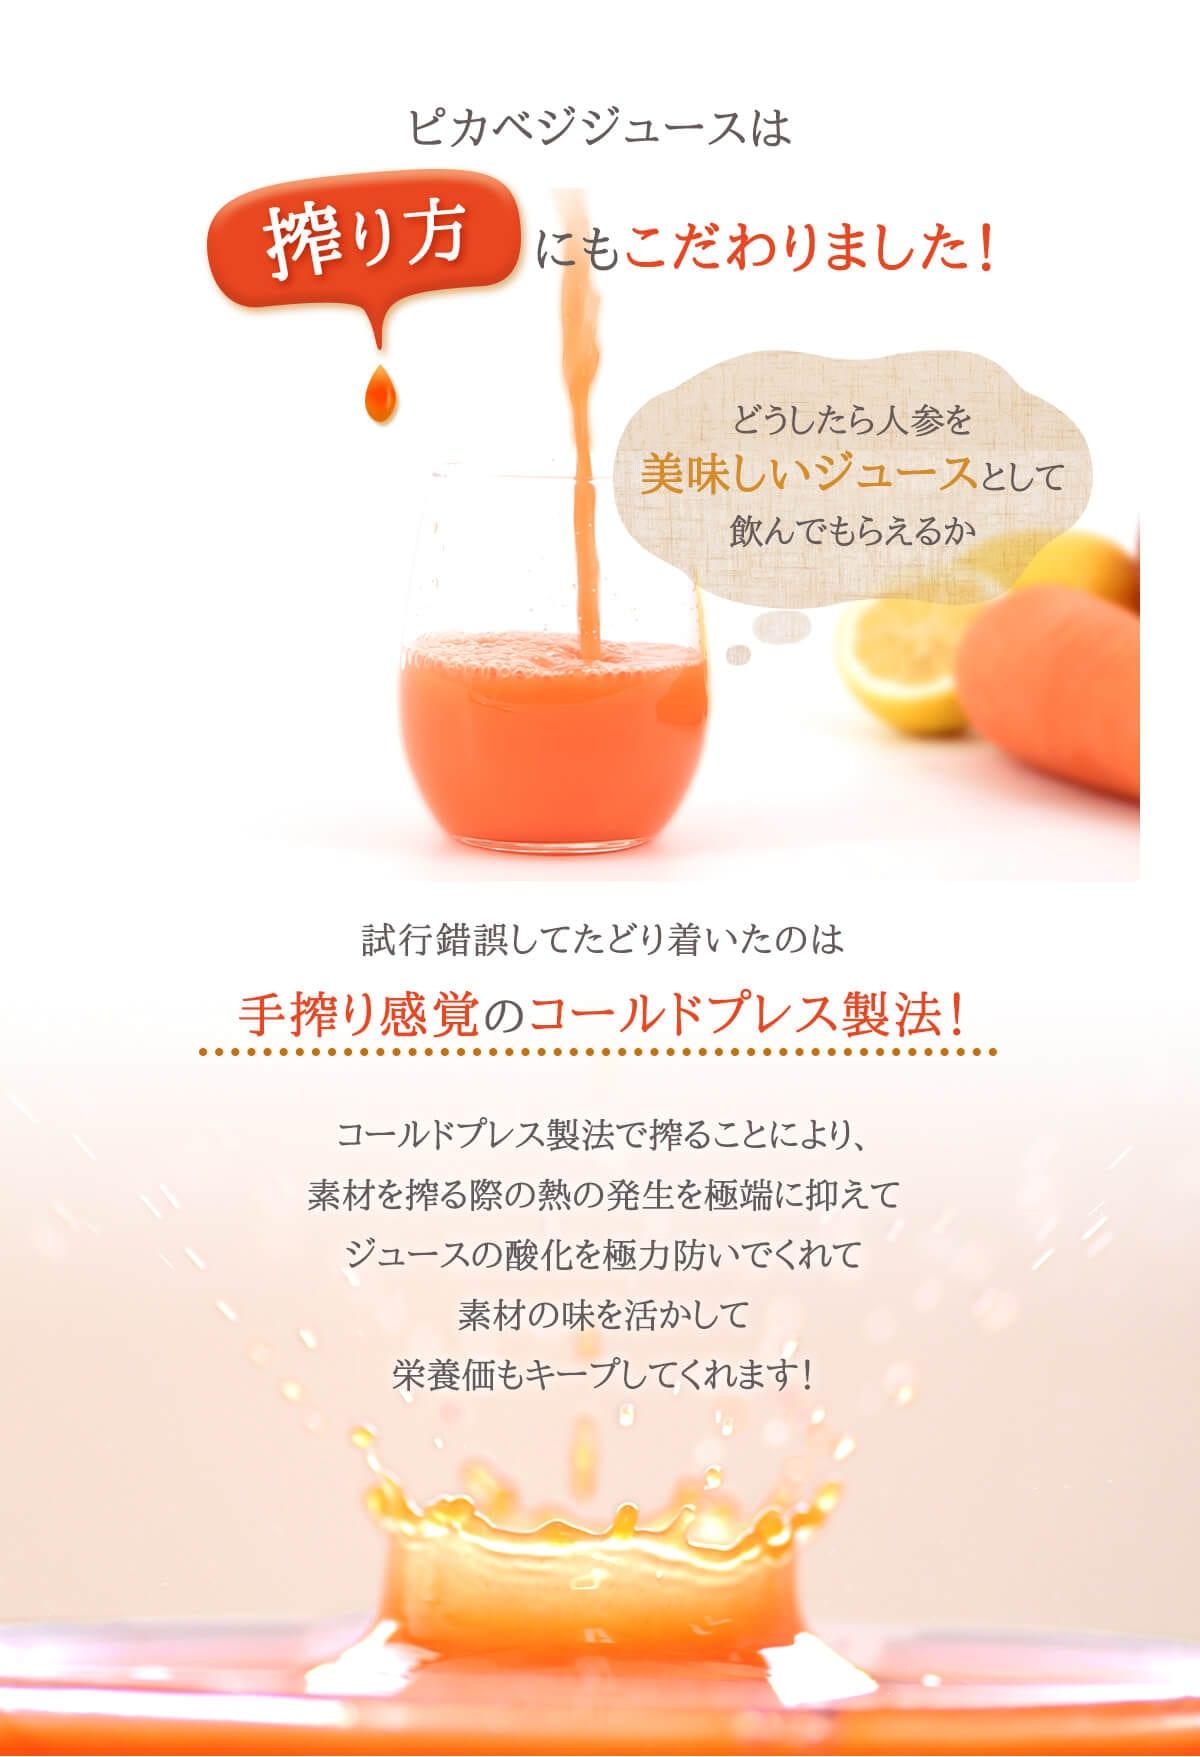 ピカベジジュースは手搾り感覚のコールドプレス製法